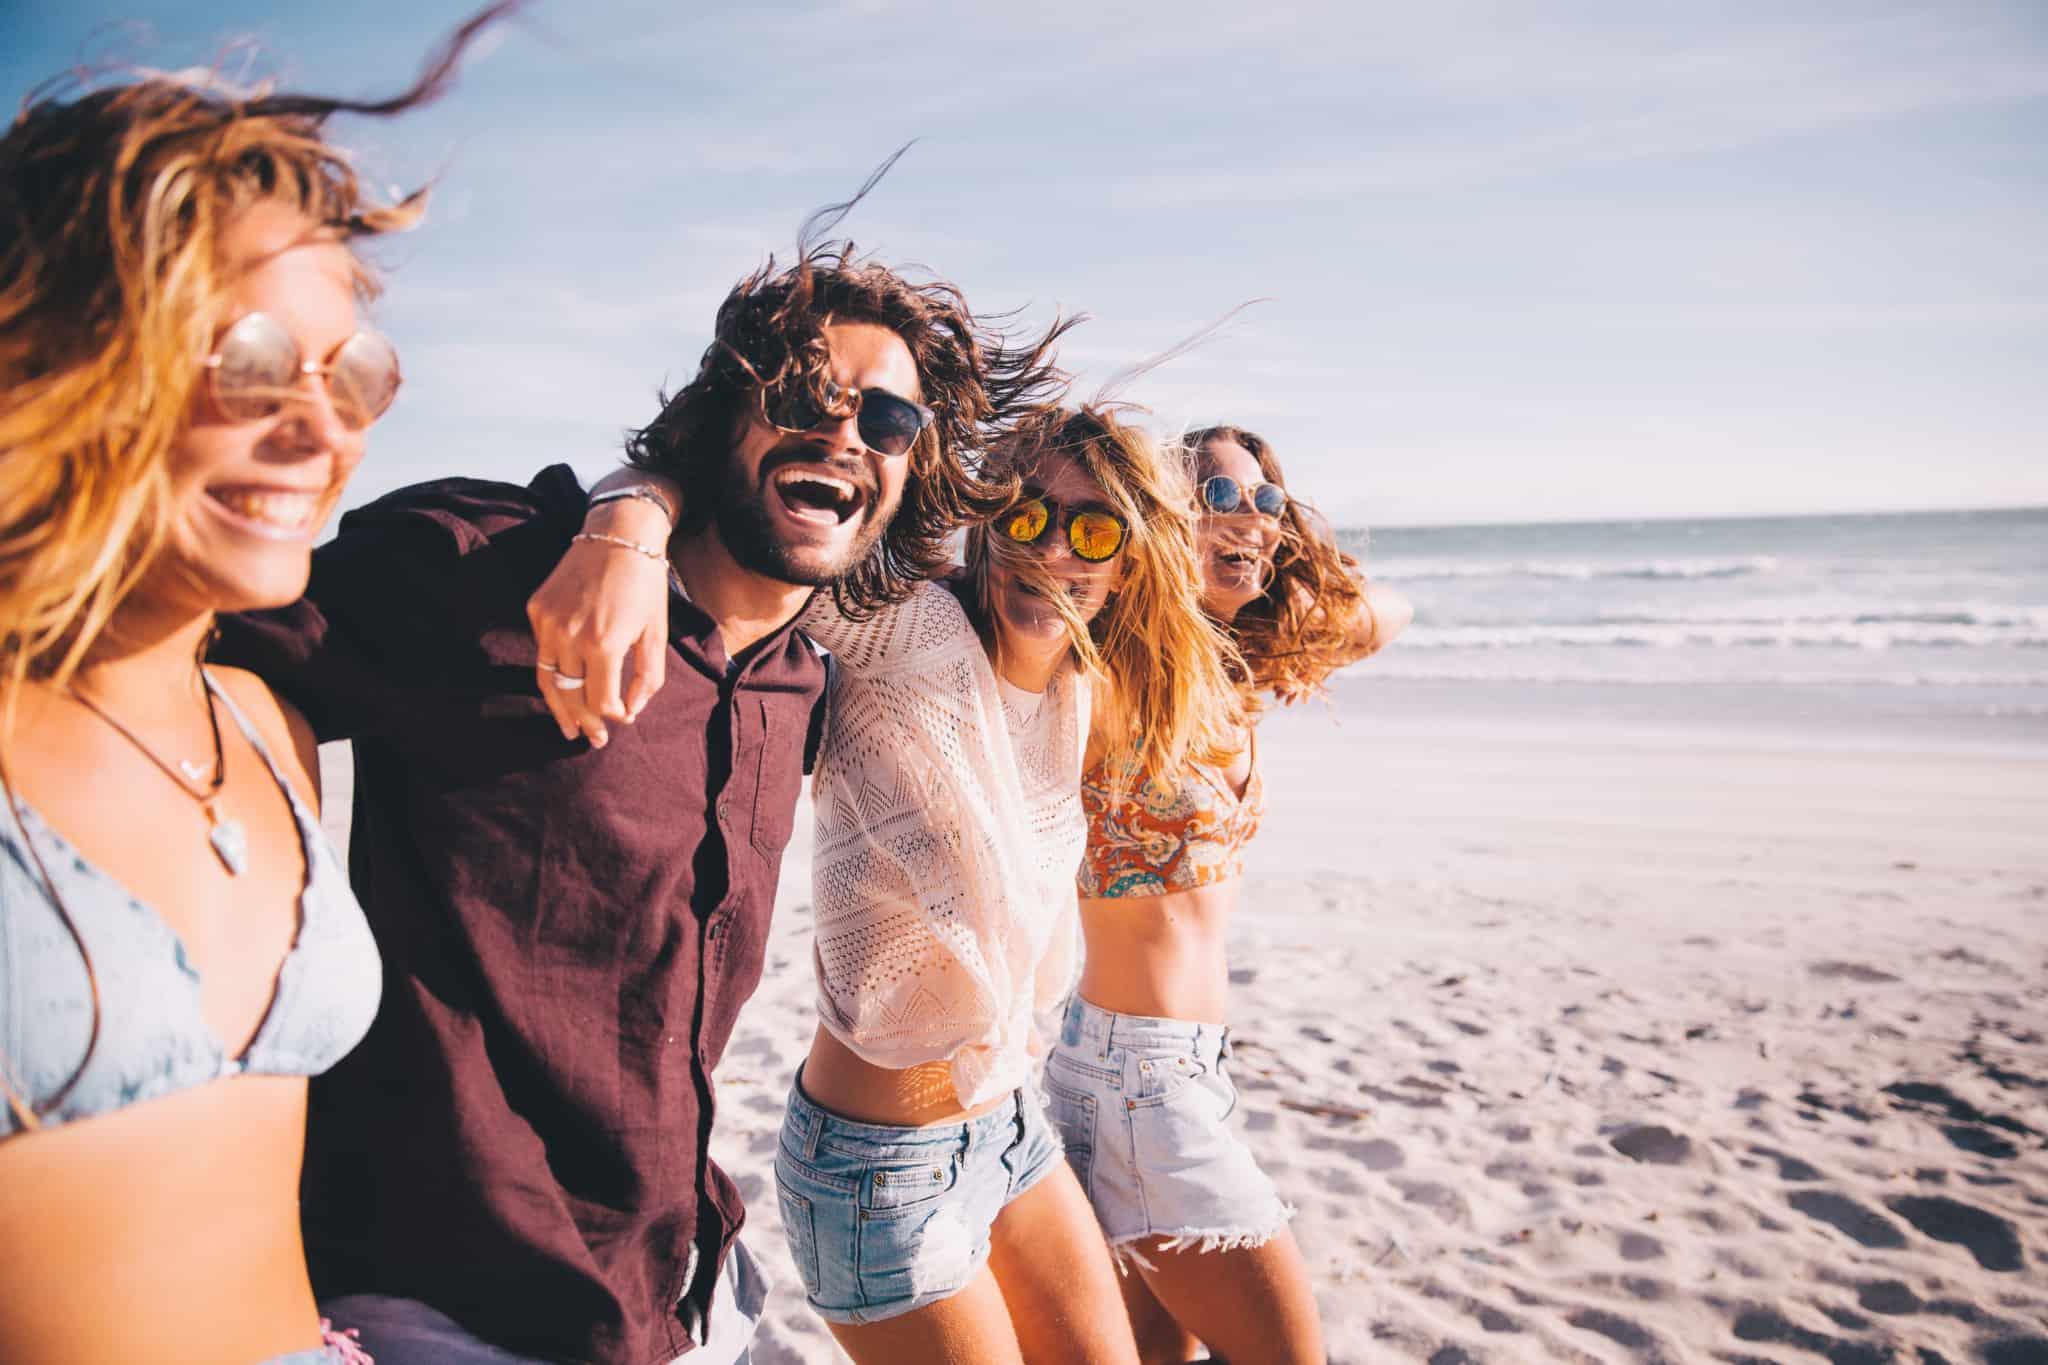 grupo de amigos na praia sorridentes